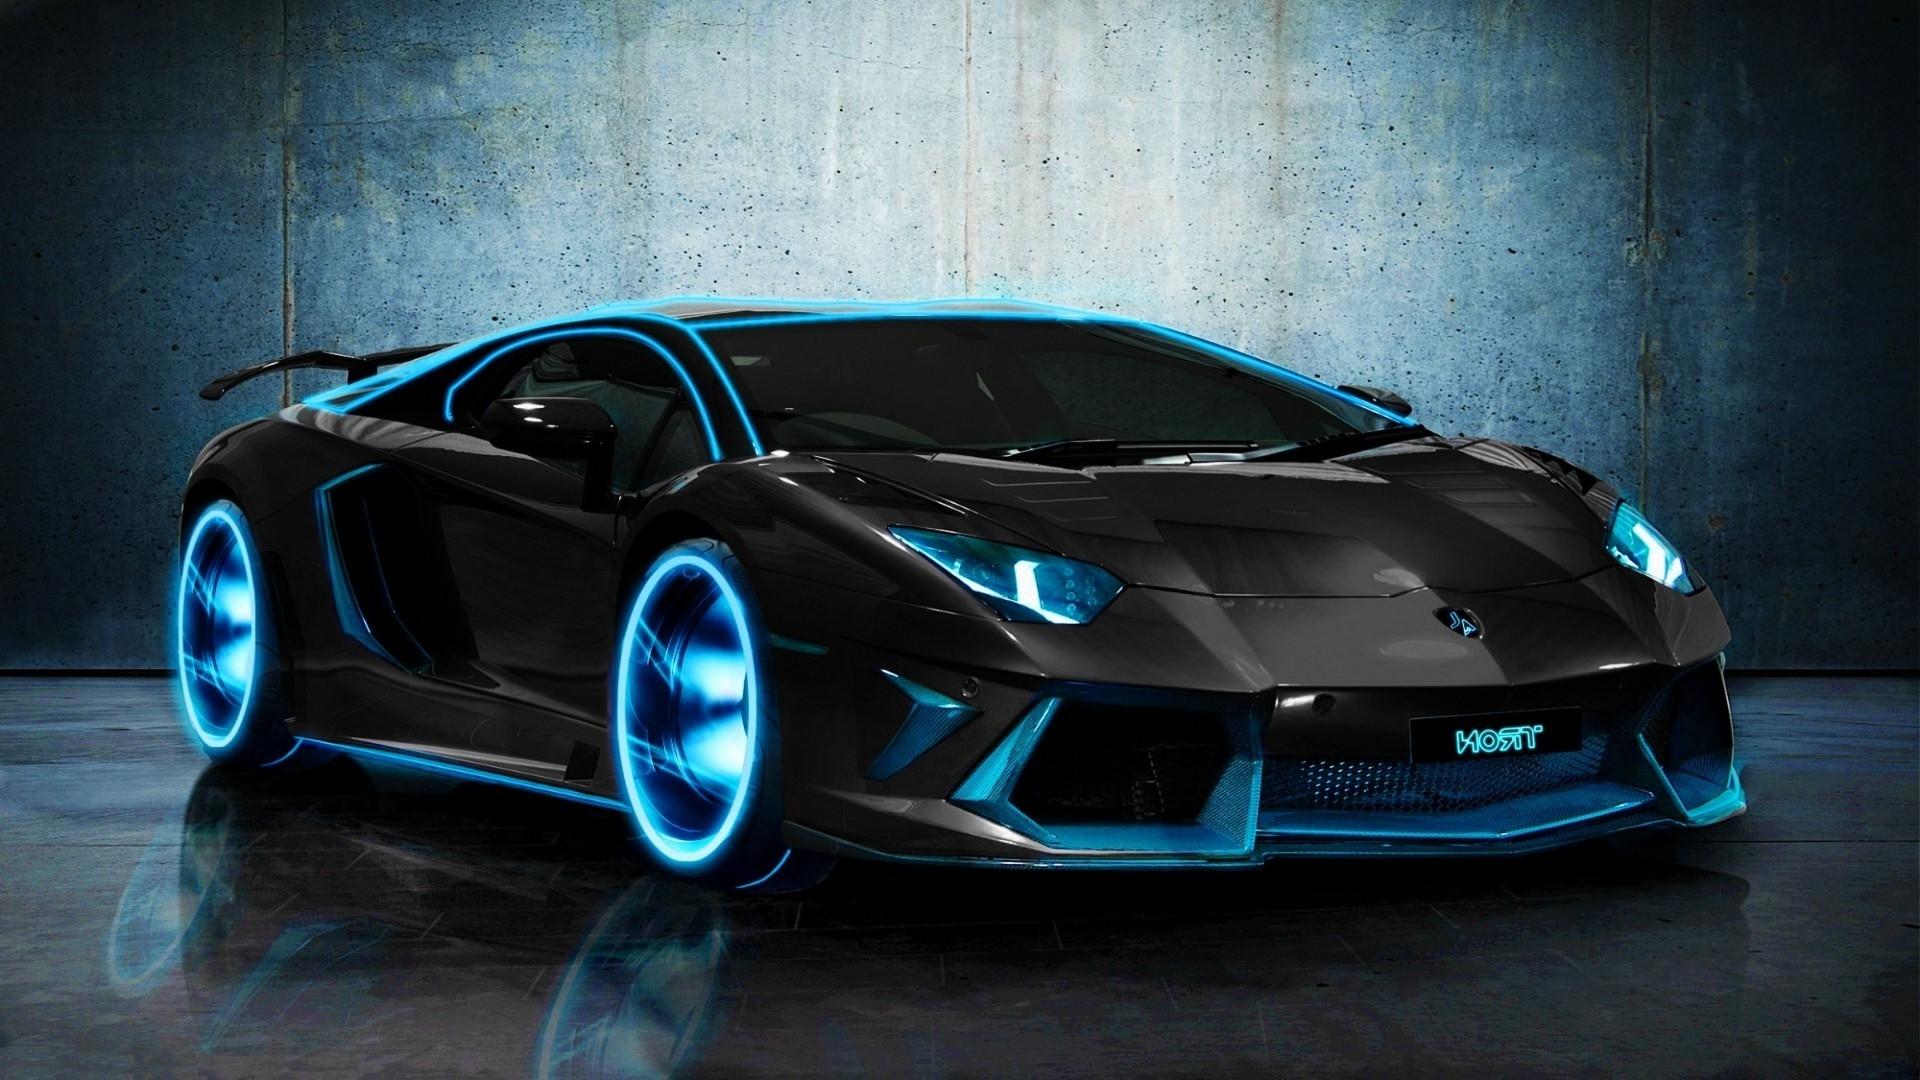 Download Found For Lamborghini Aventador Wallpaper Hd 1920x1080